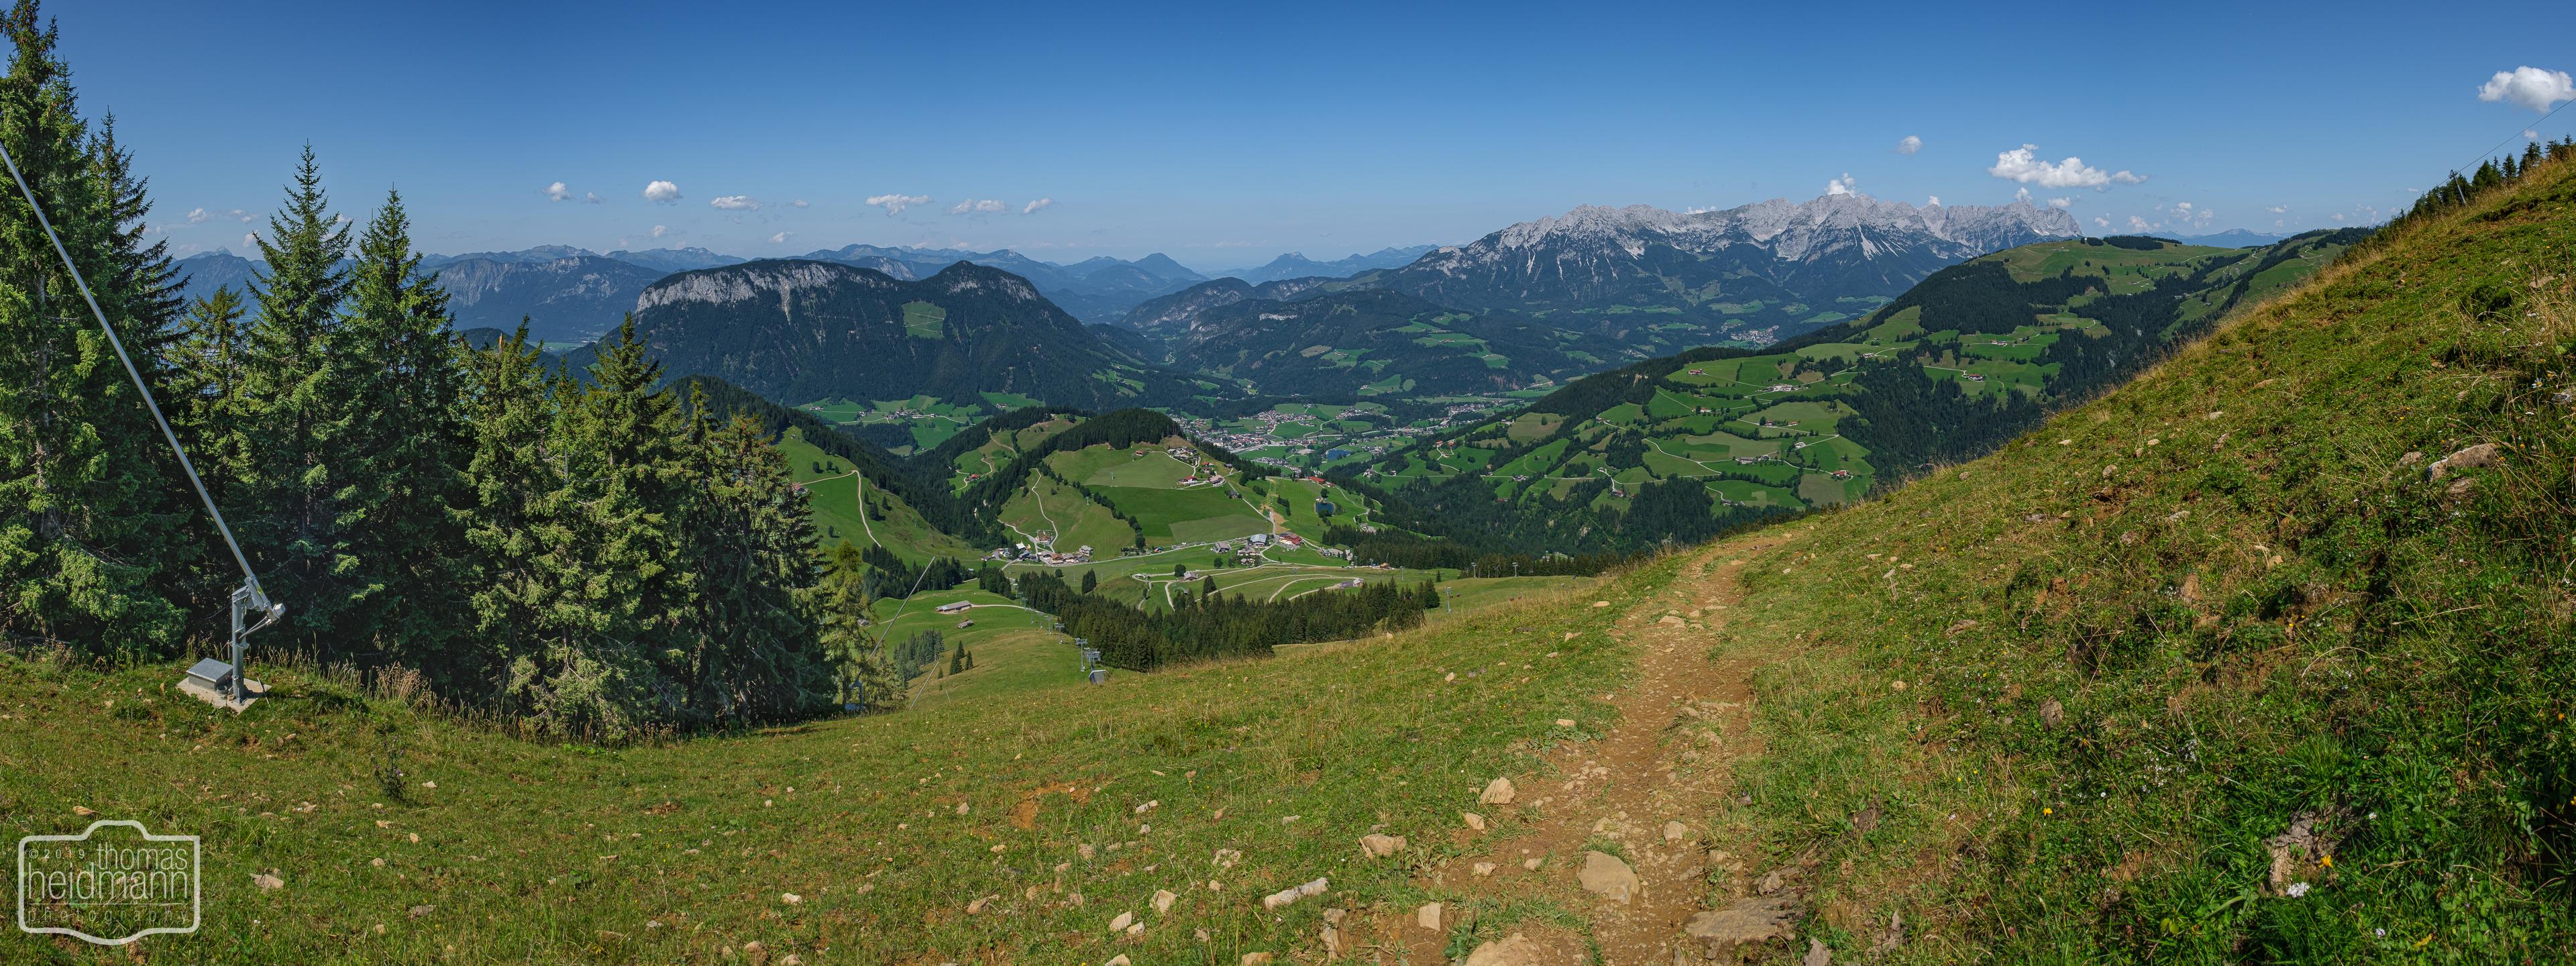 Wanderung auf die Hohe Salve - Wanderweg umrundet den Gipfel